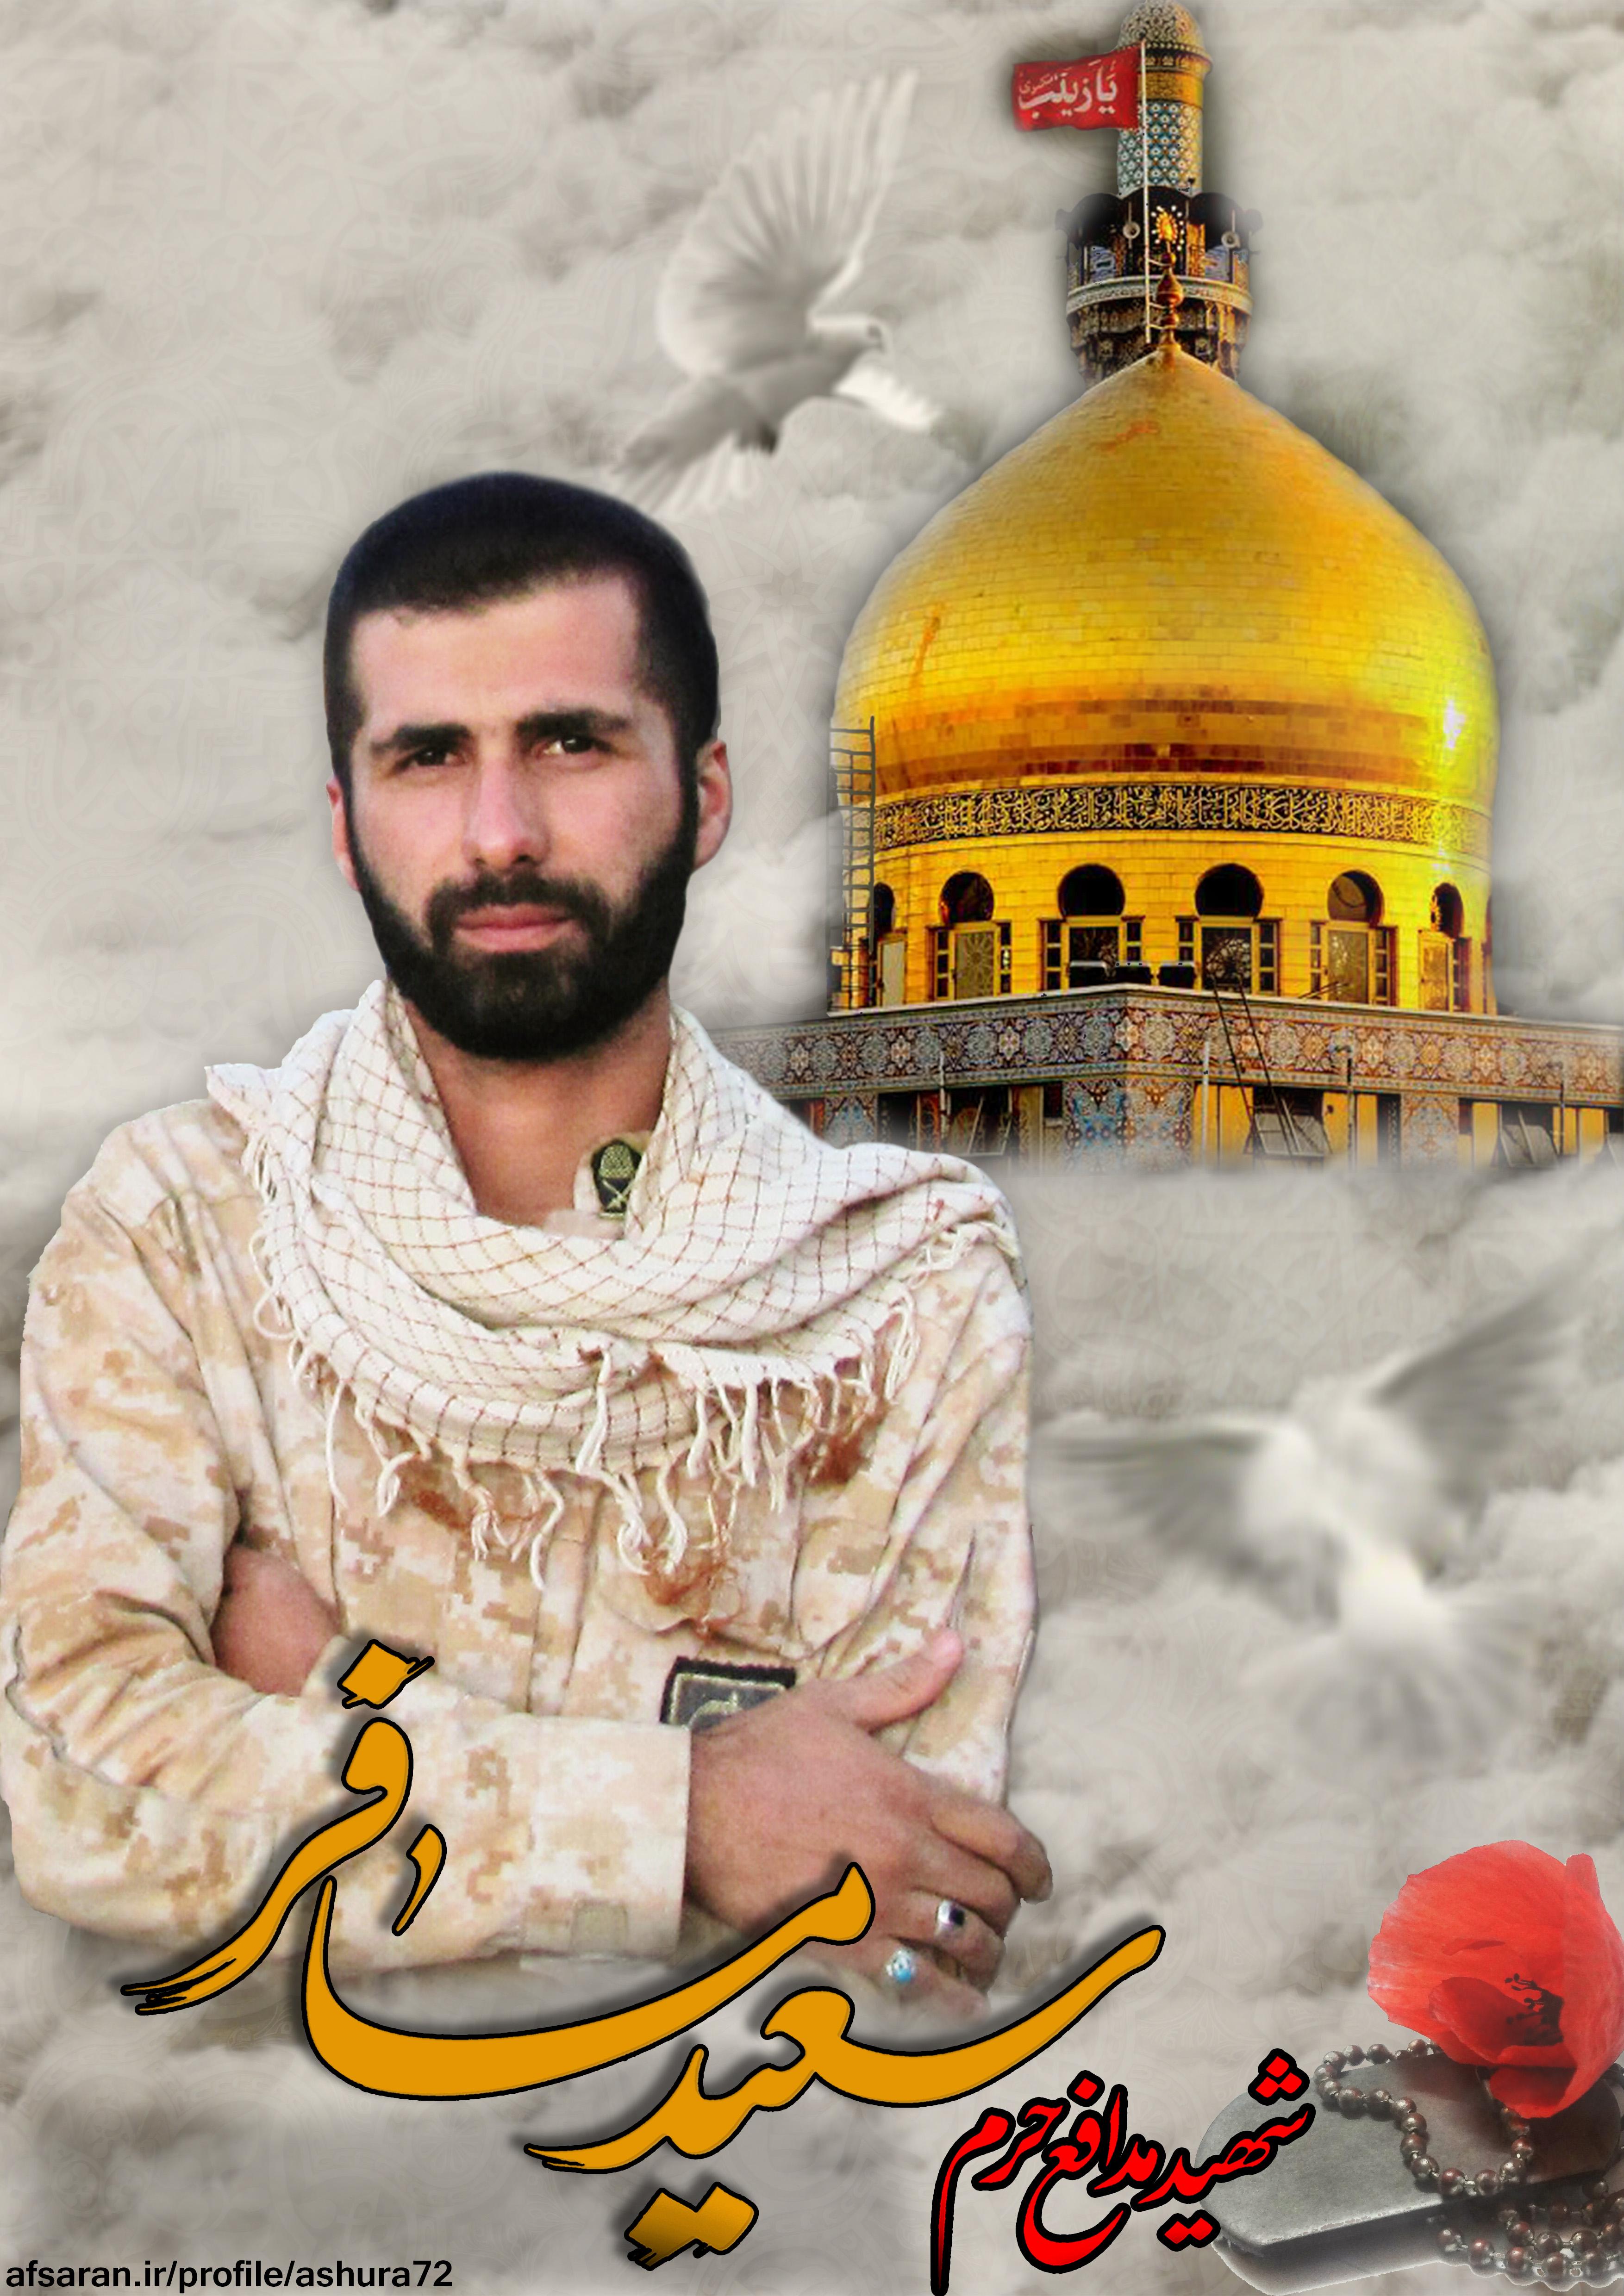 شهید سعید مسافر